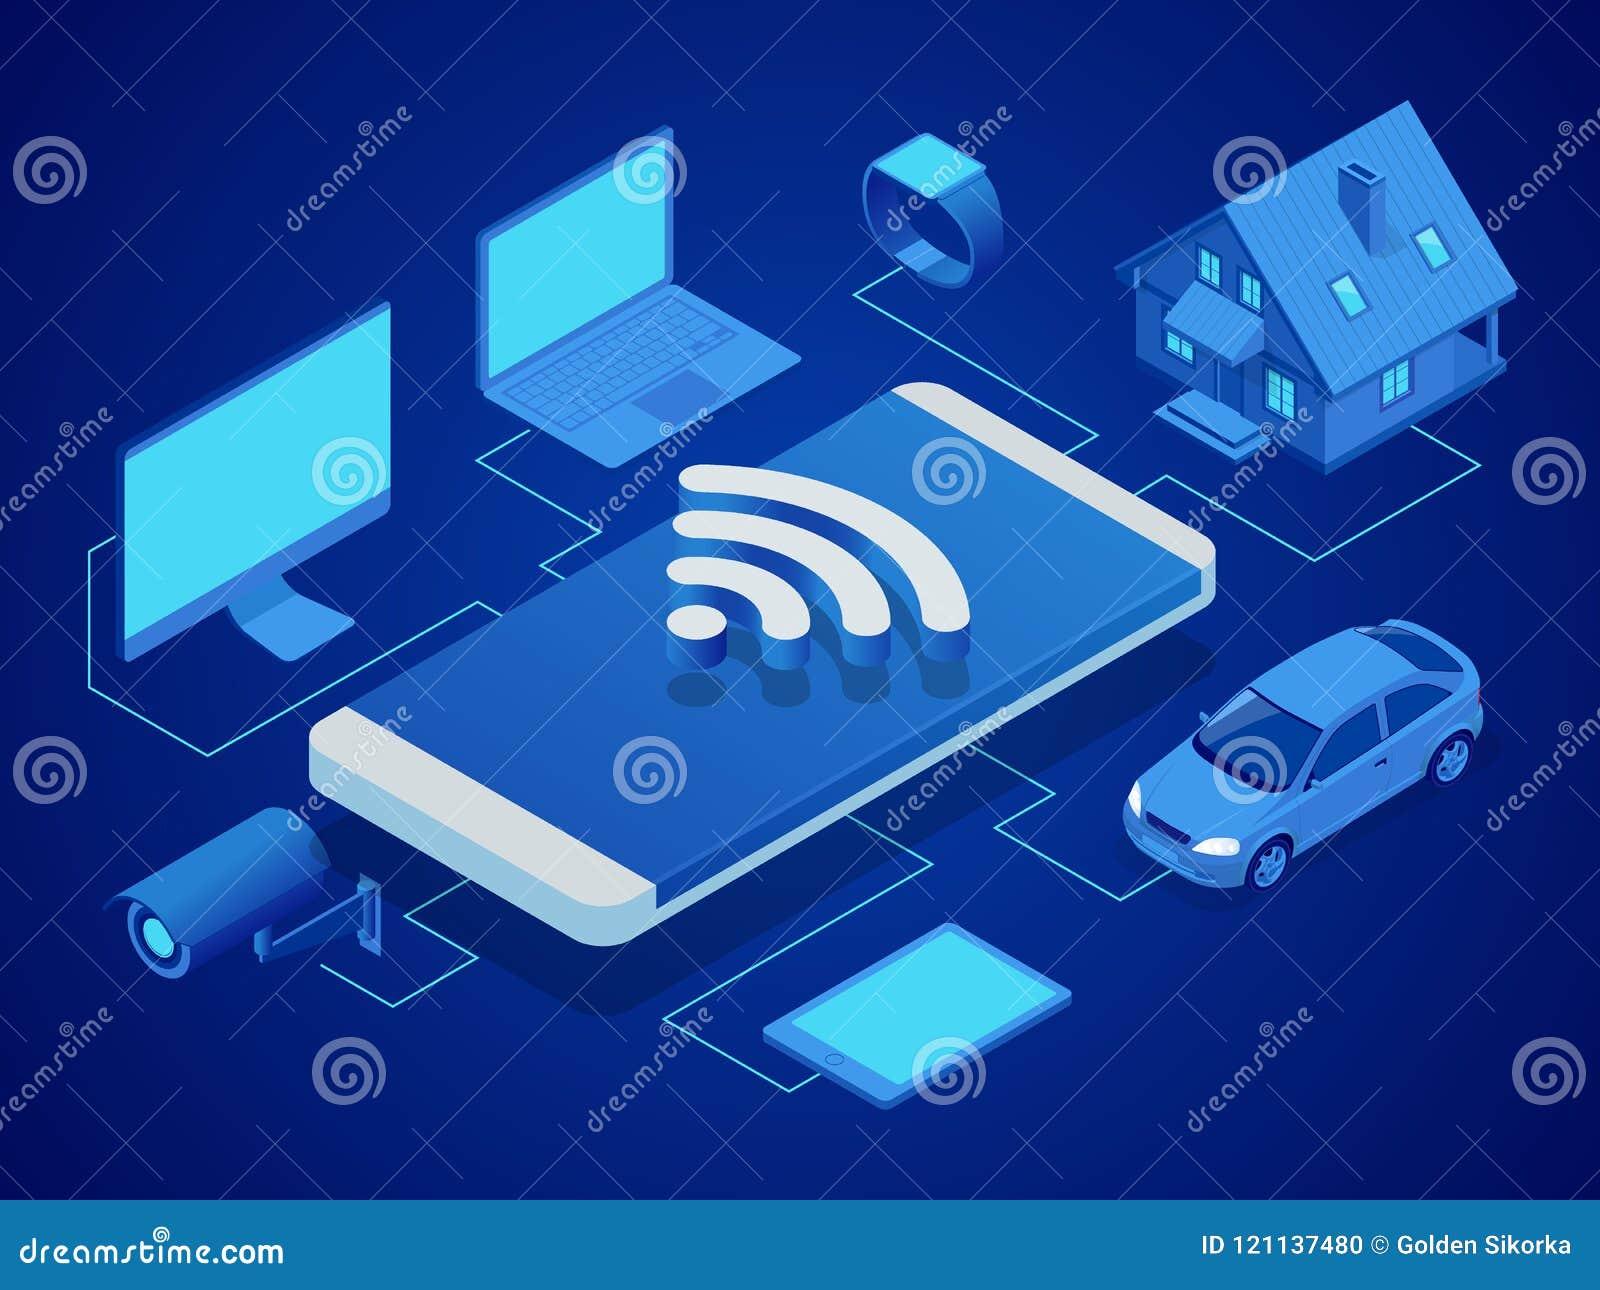 Tecnologia esperta isométrica para controlar a casa, computador, relógio esperto, máquina, fiscalização video, tabuleta segurança